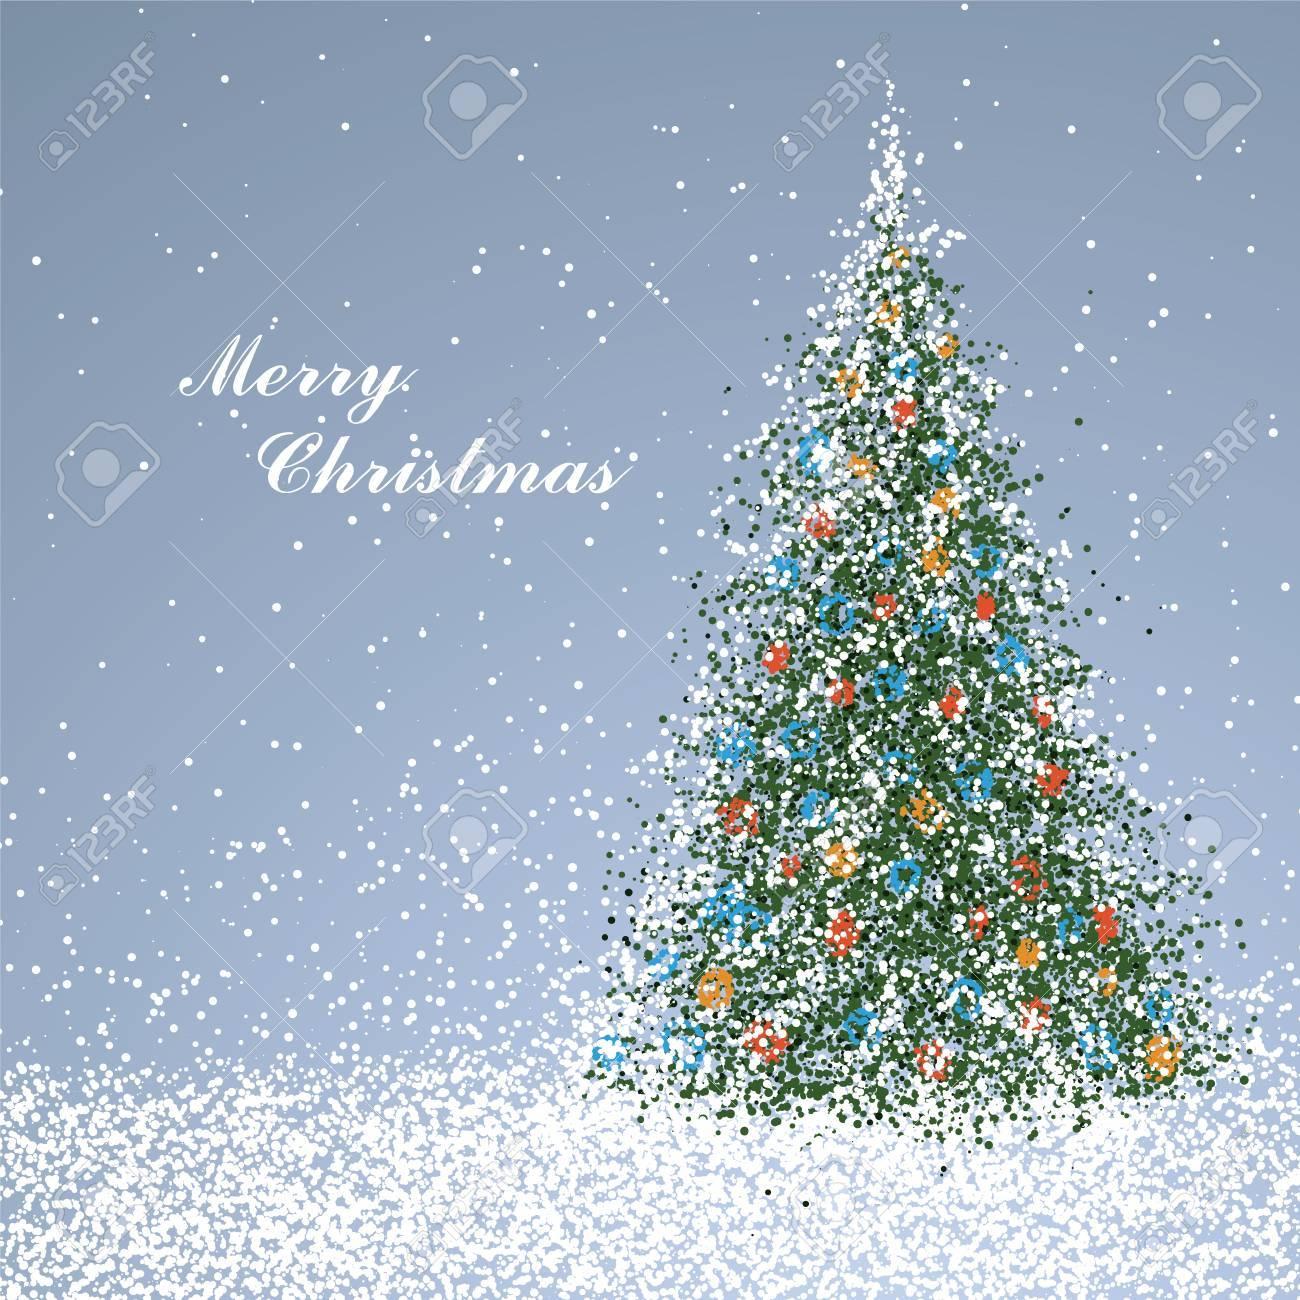 Immagini Copertina Natale.Albero Di Natale Composto Di Particelle Puo Essere Utilizzato Come Copertina Di Una Cartolina Di Natale